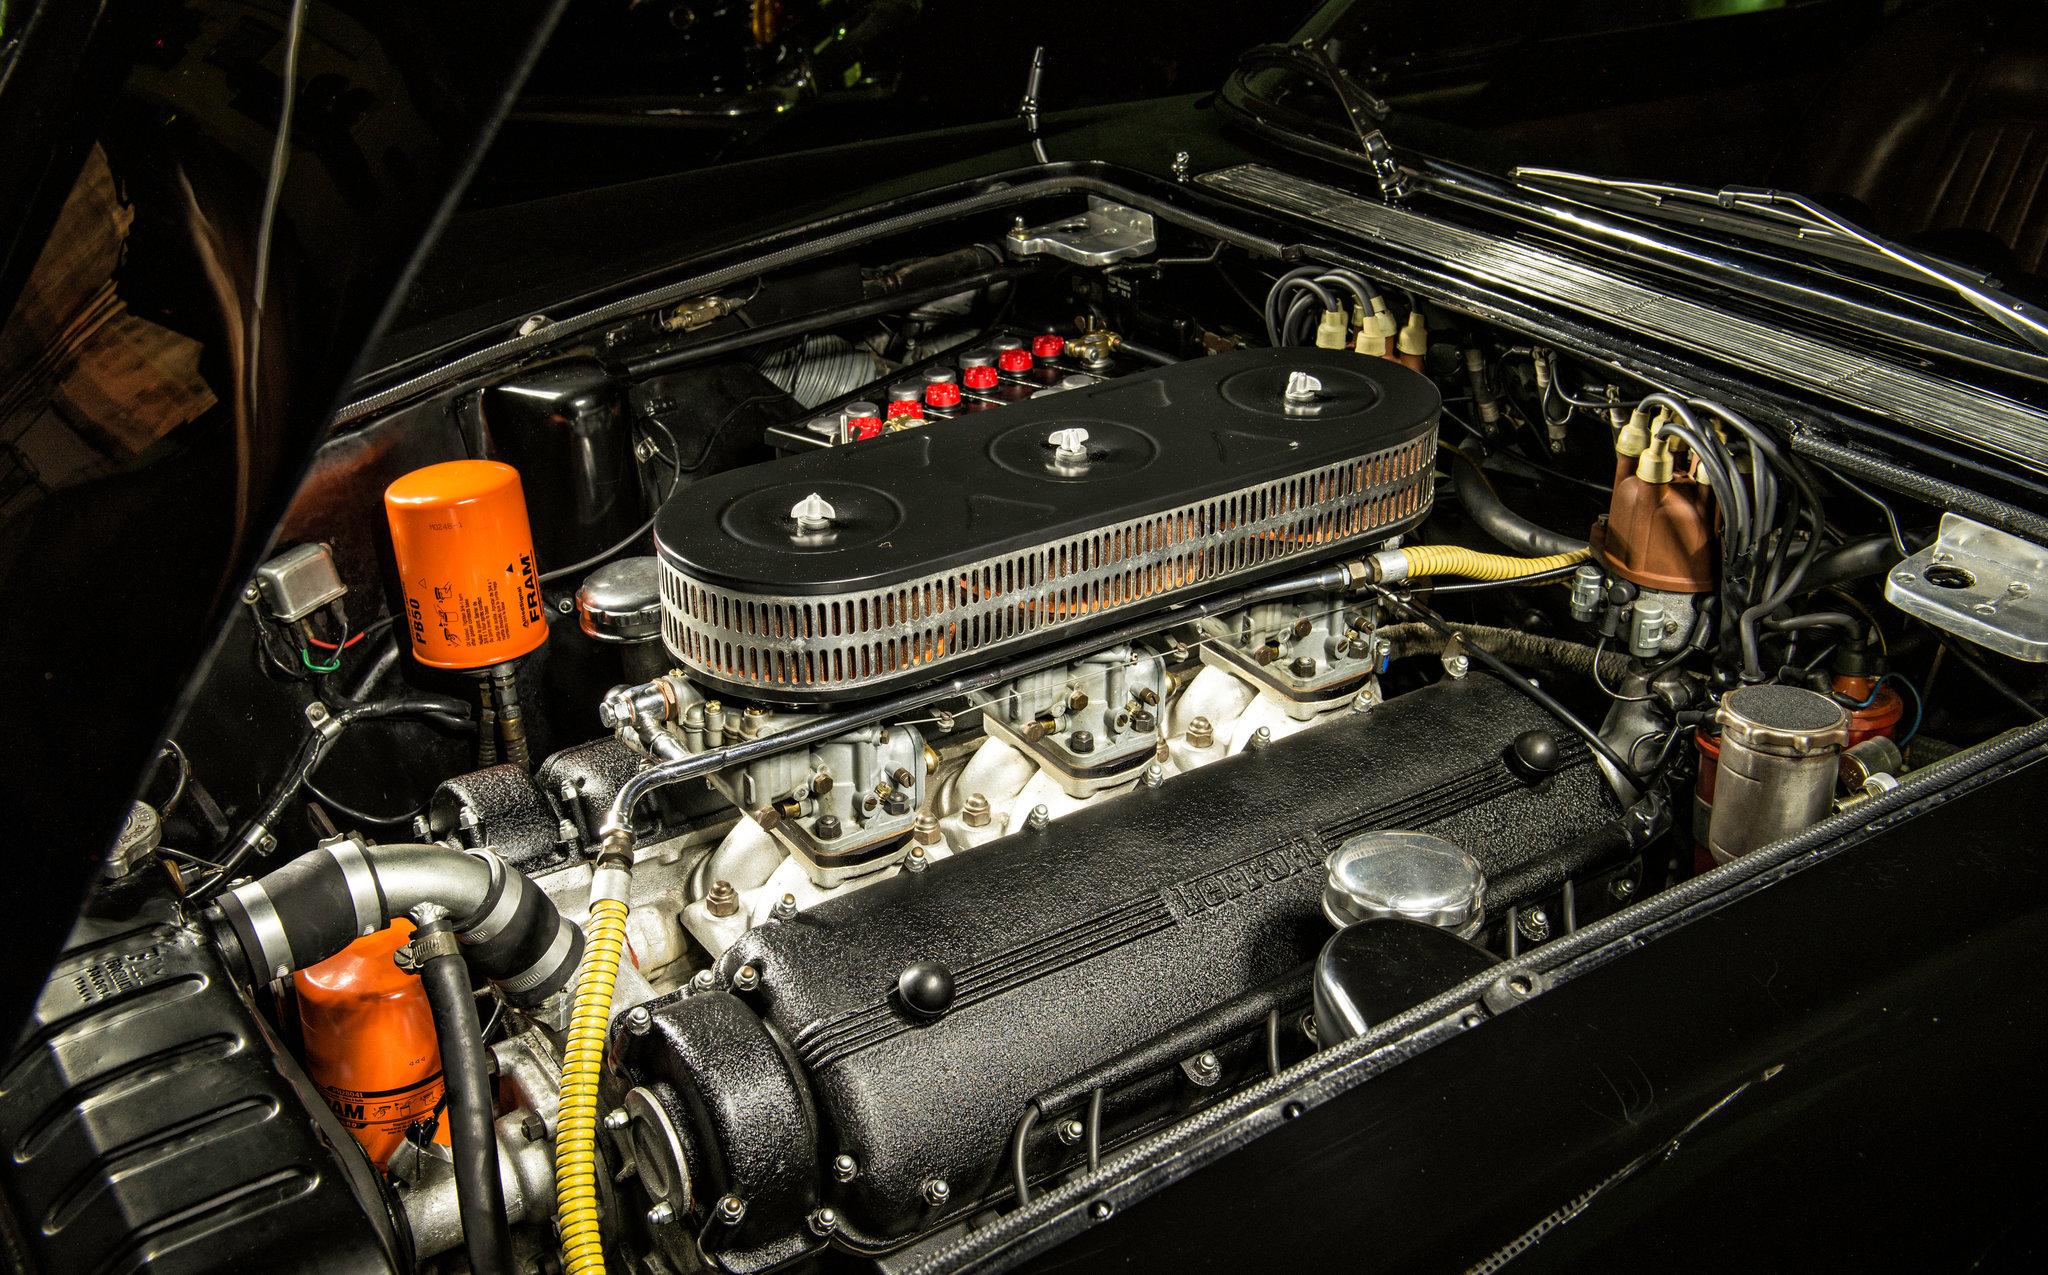 Engine of the Ferrari 400 Superamerica